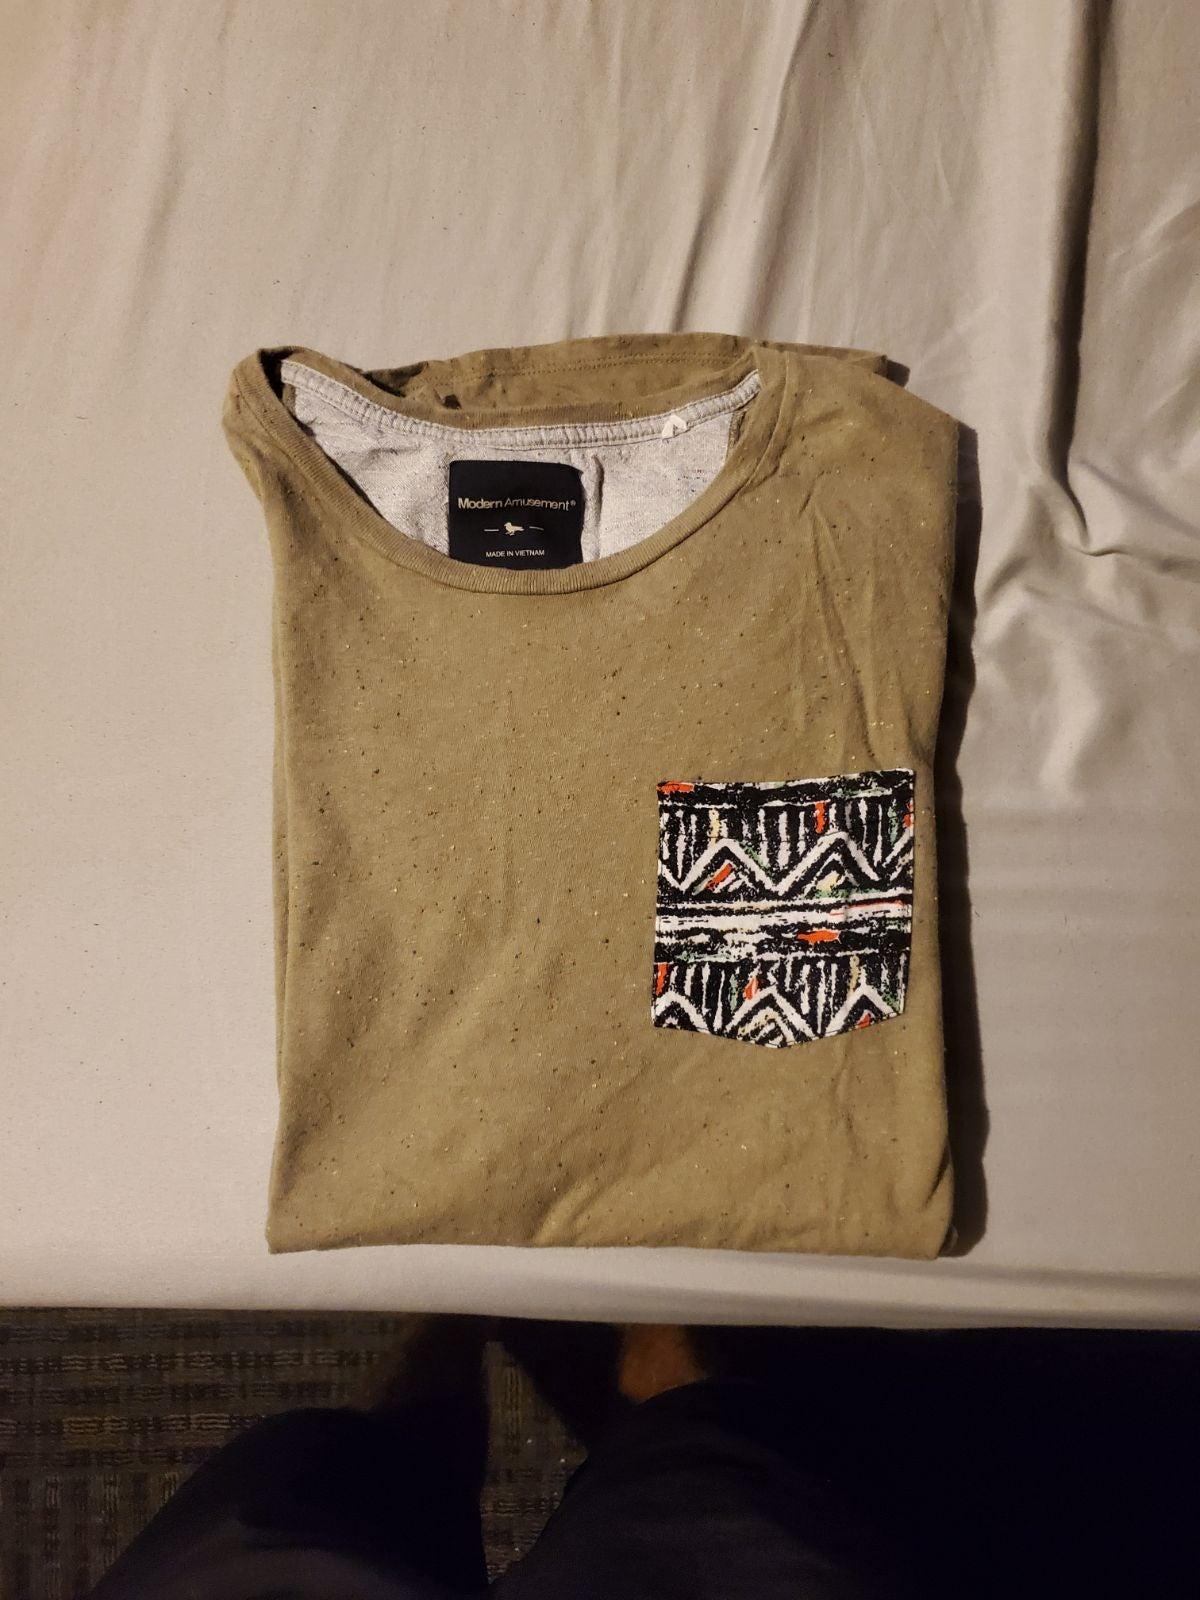 Modern amusement pocket t shirt